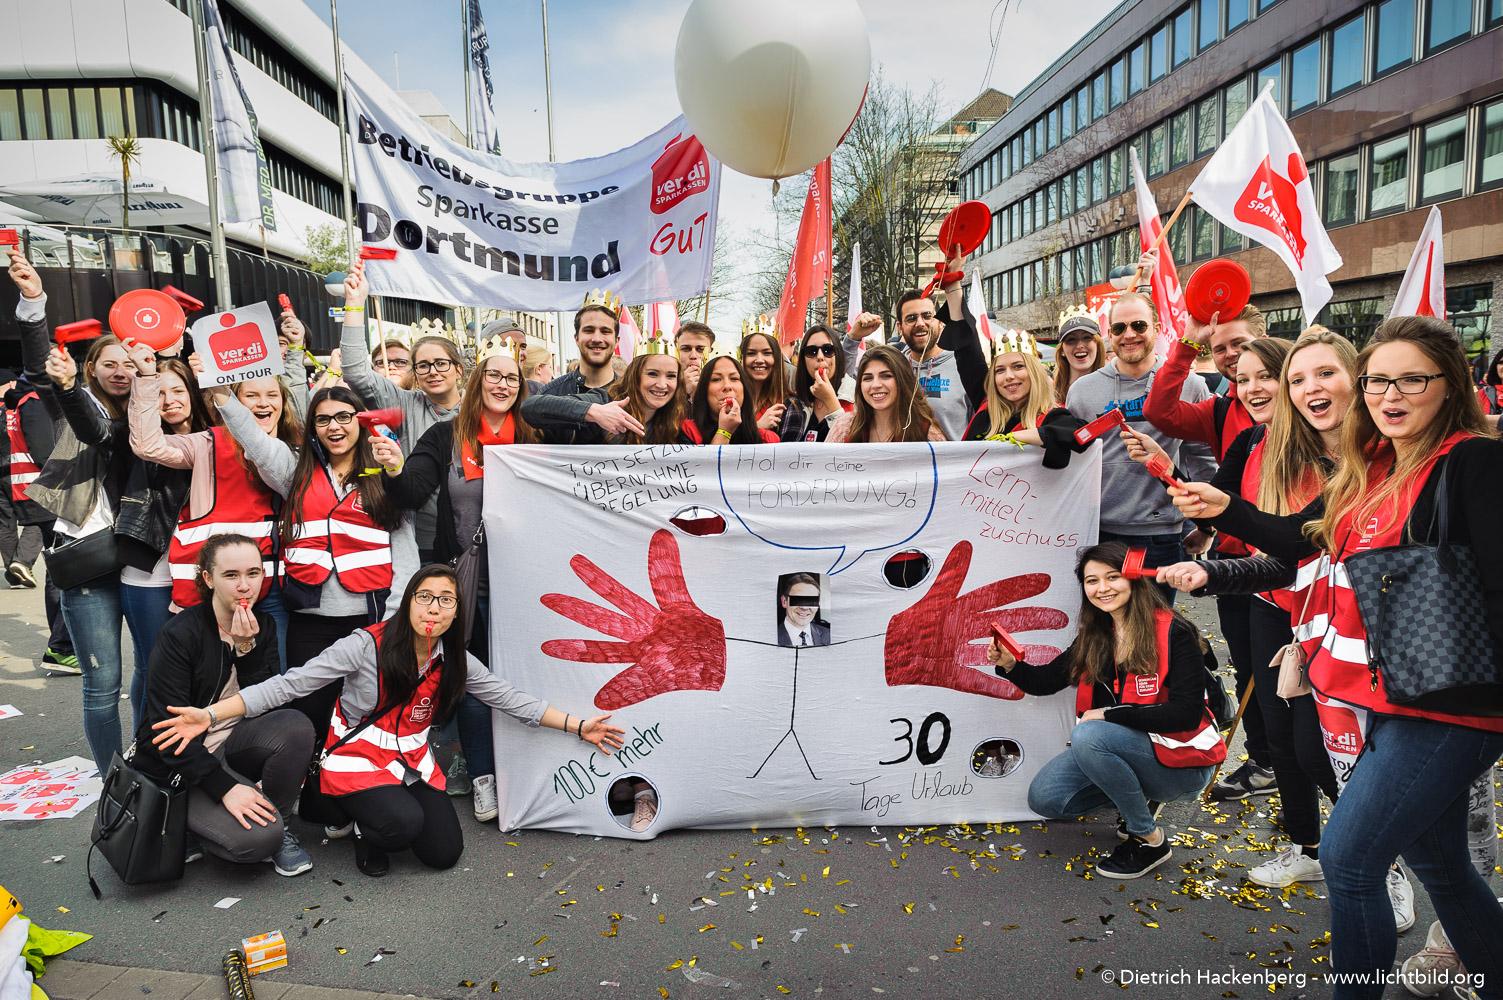 verdi Jugend. verdi Streikveranstaltung Öffentlicher Dienst, Dortmund am 10.04.2018